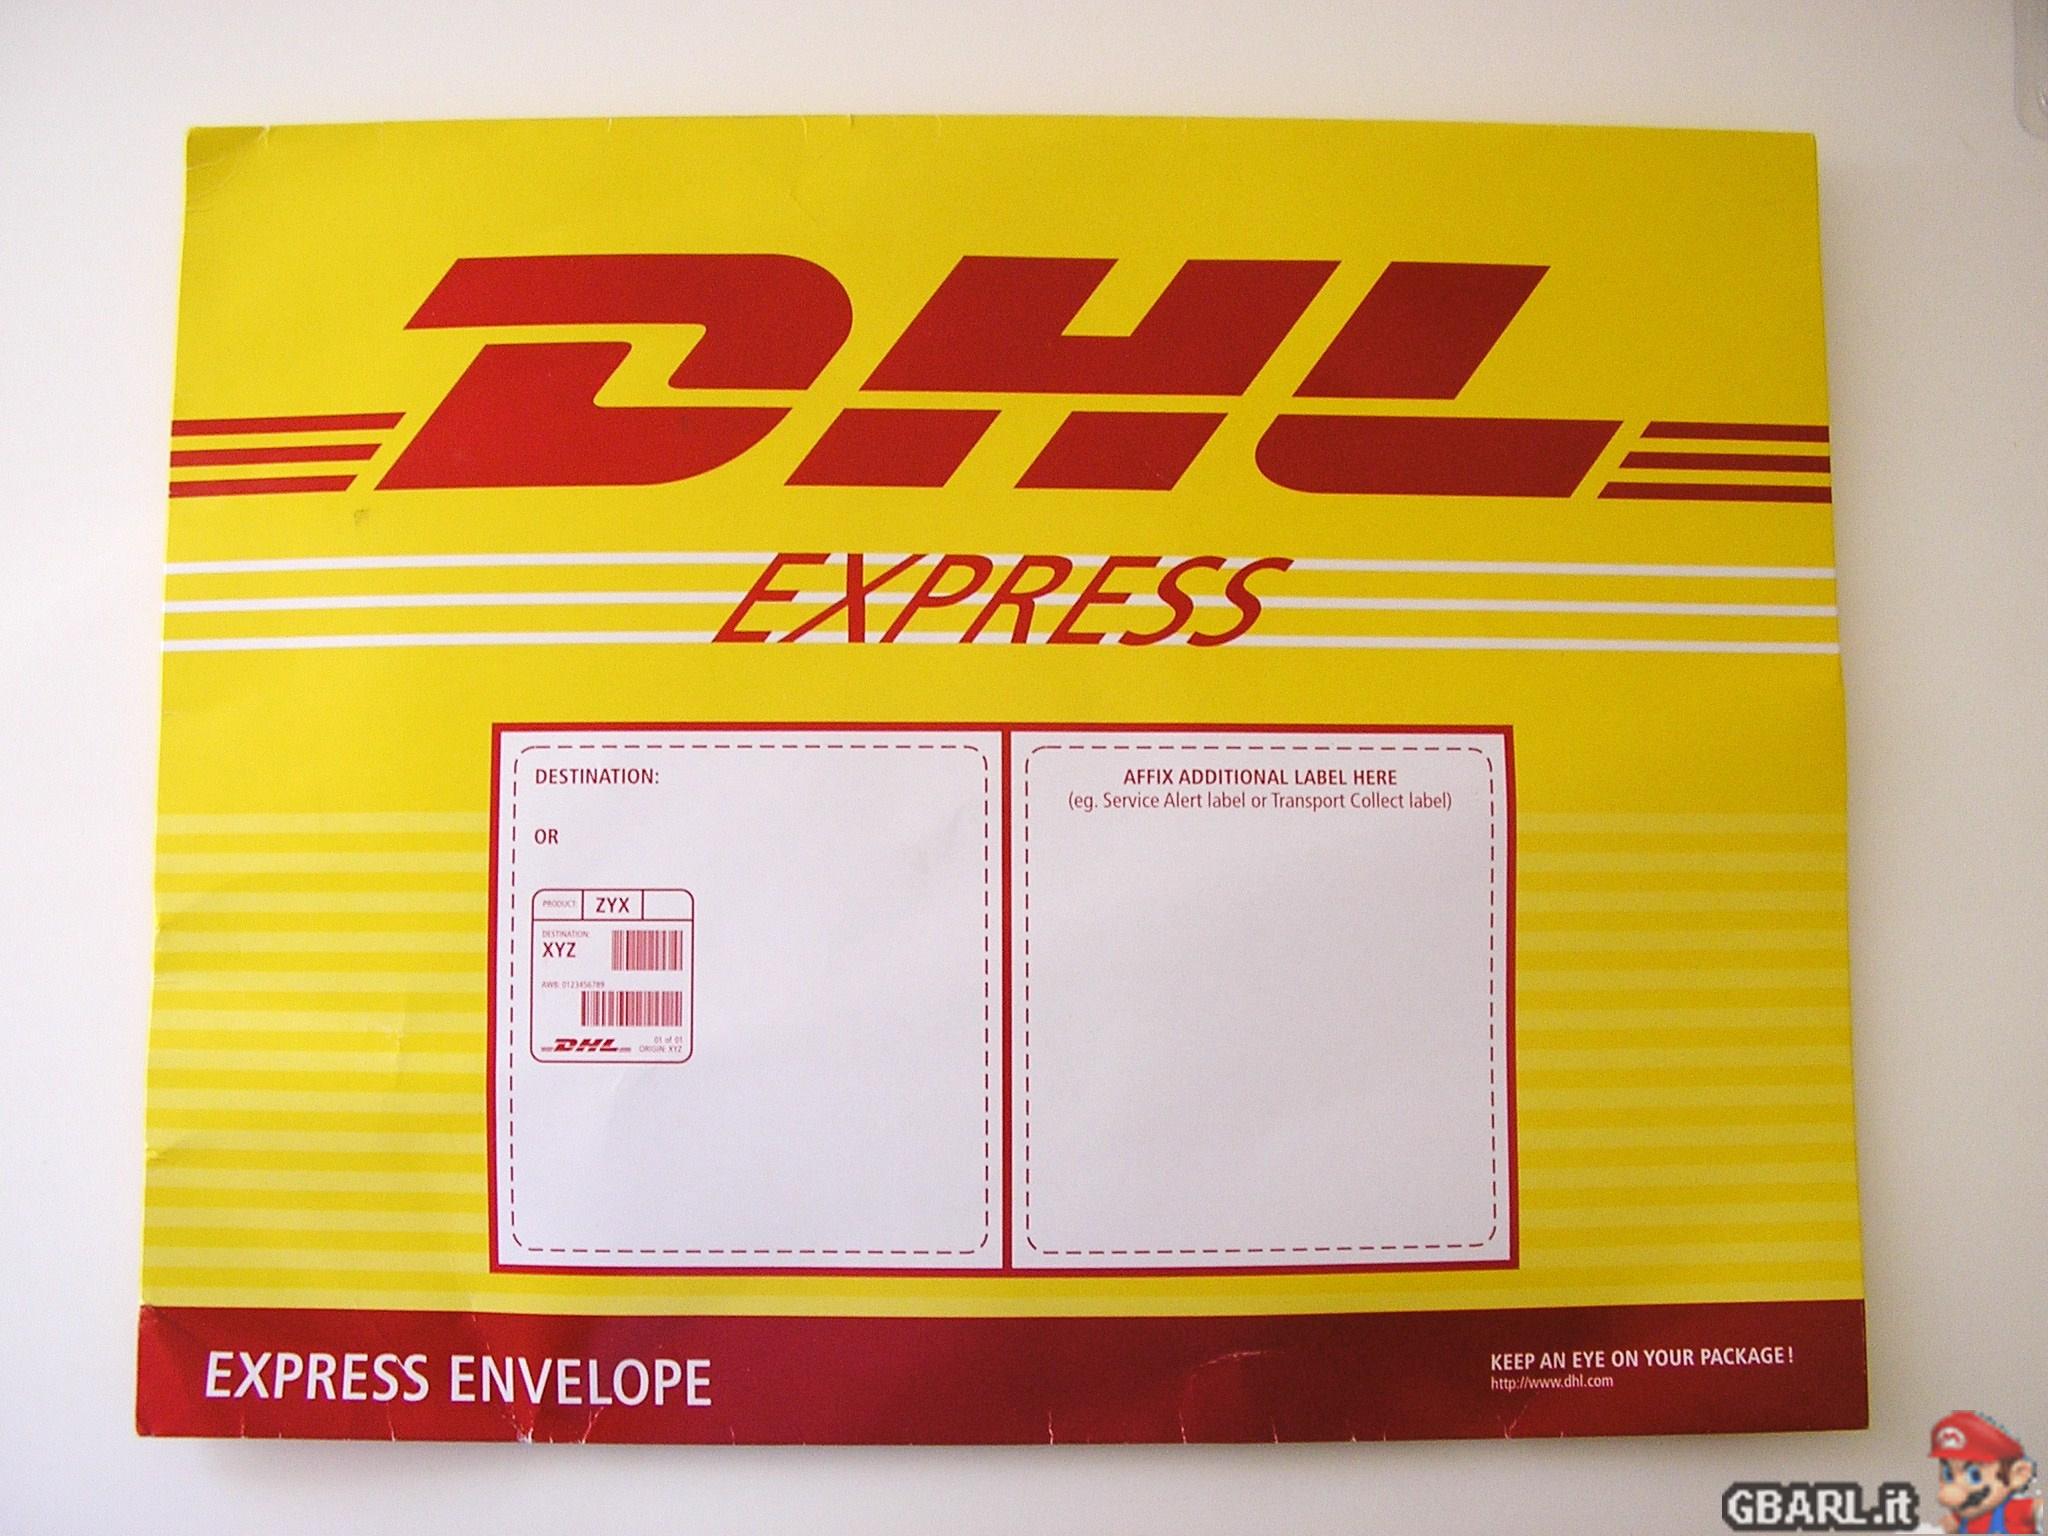 dhl express pack. Black Bedroom Furniture Sets. Home Design Ideas